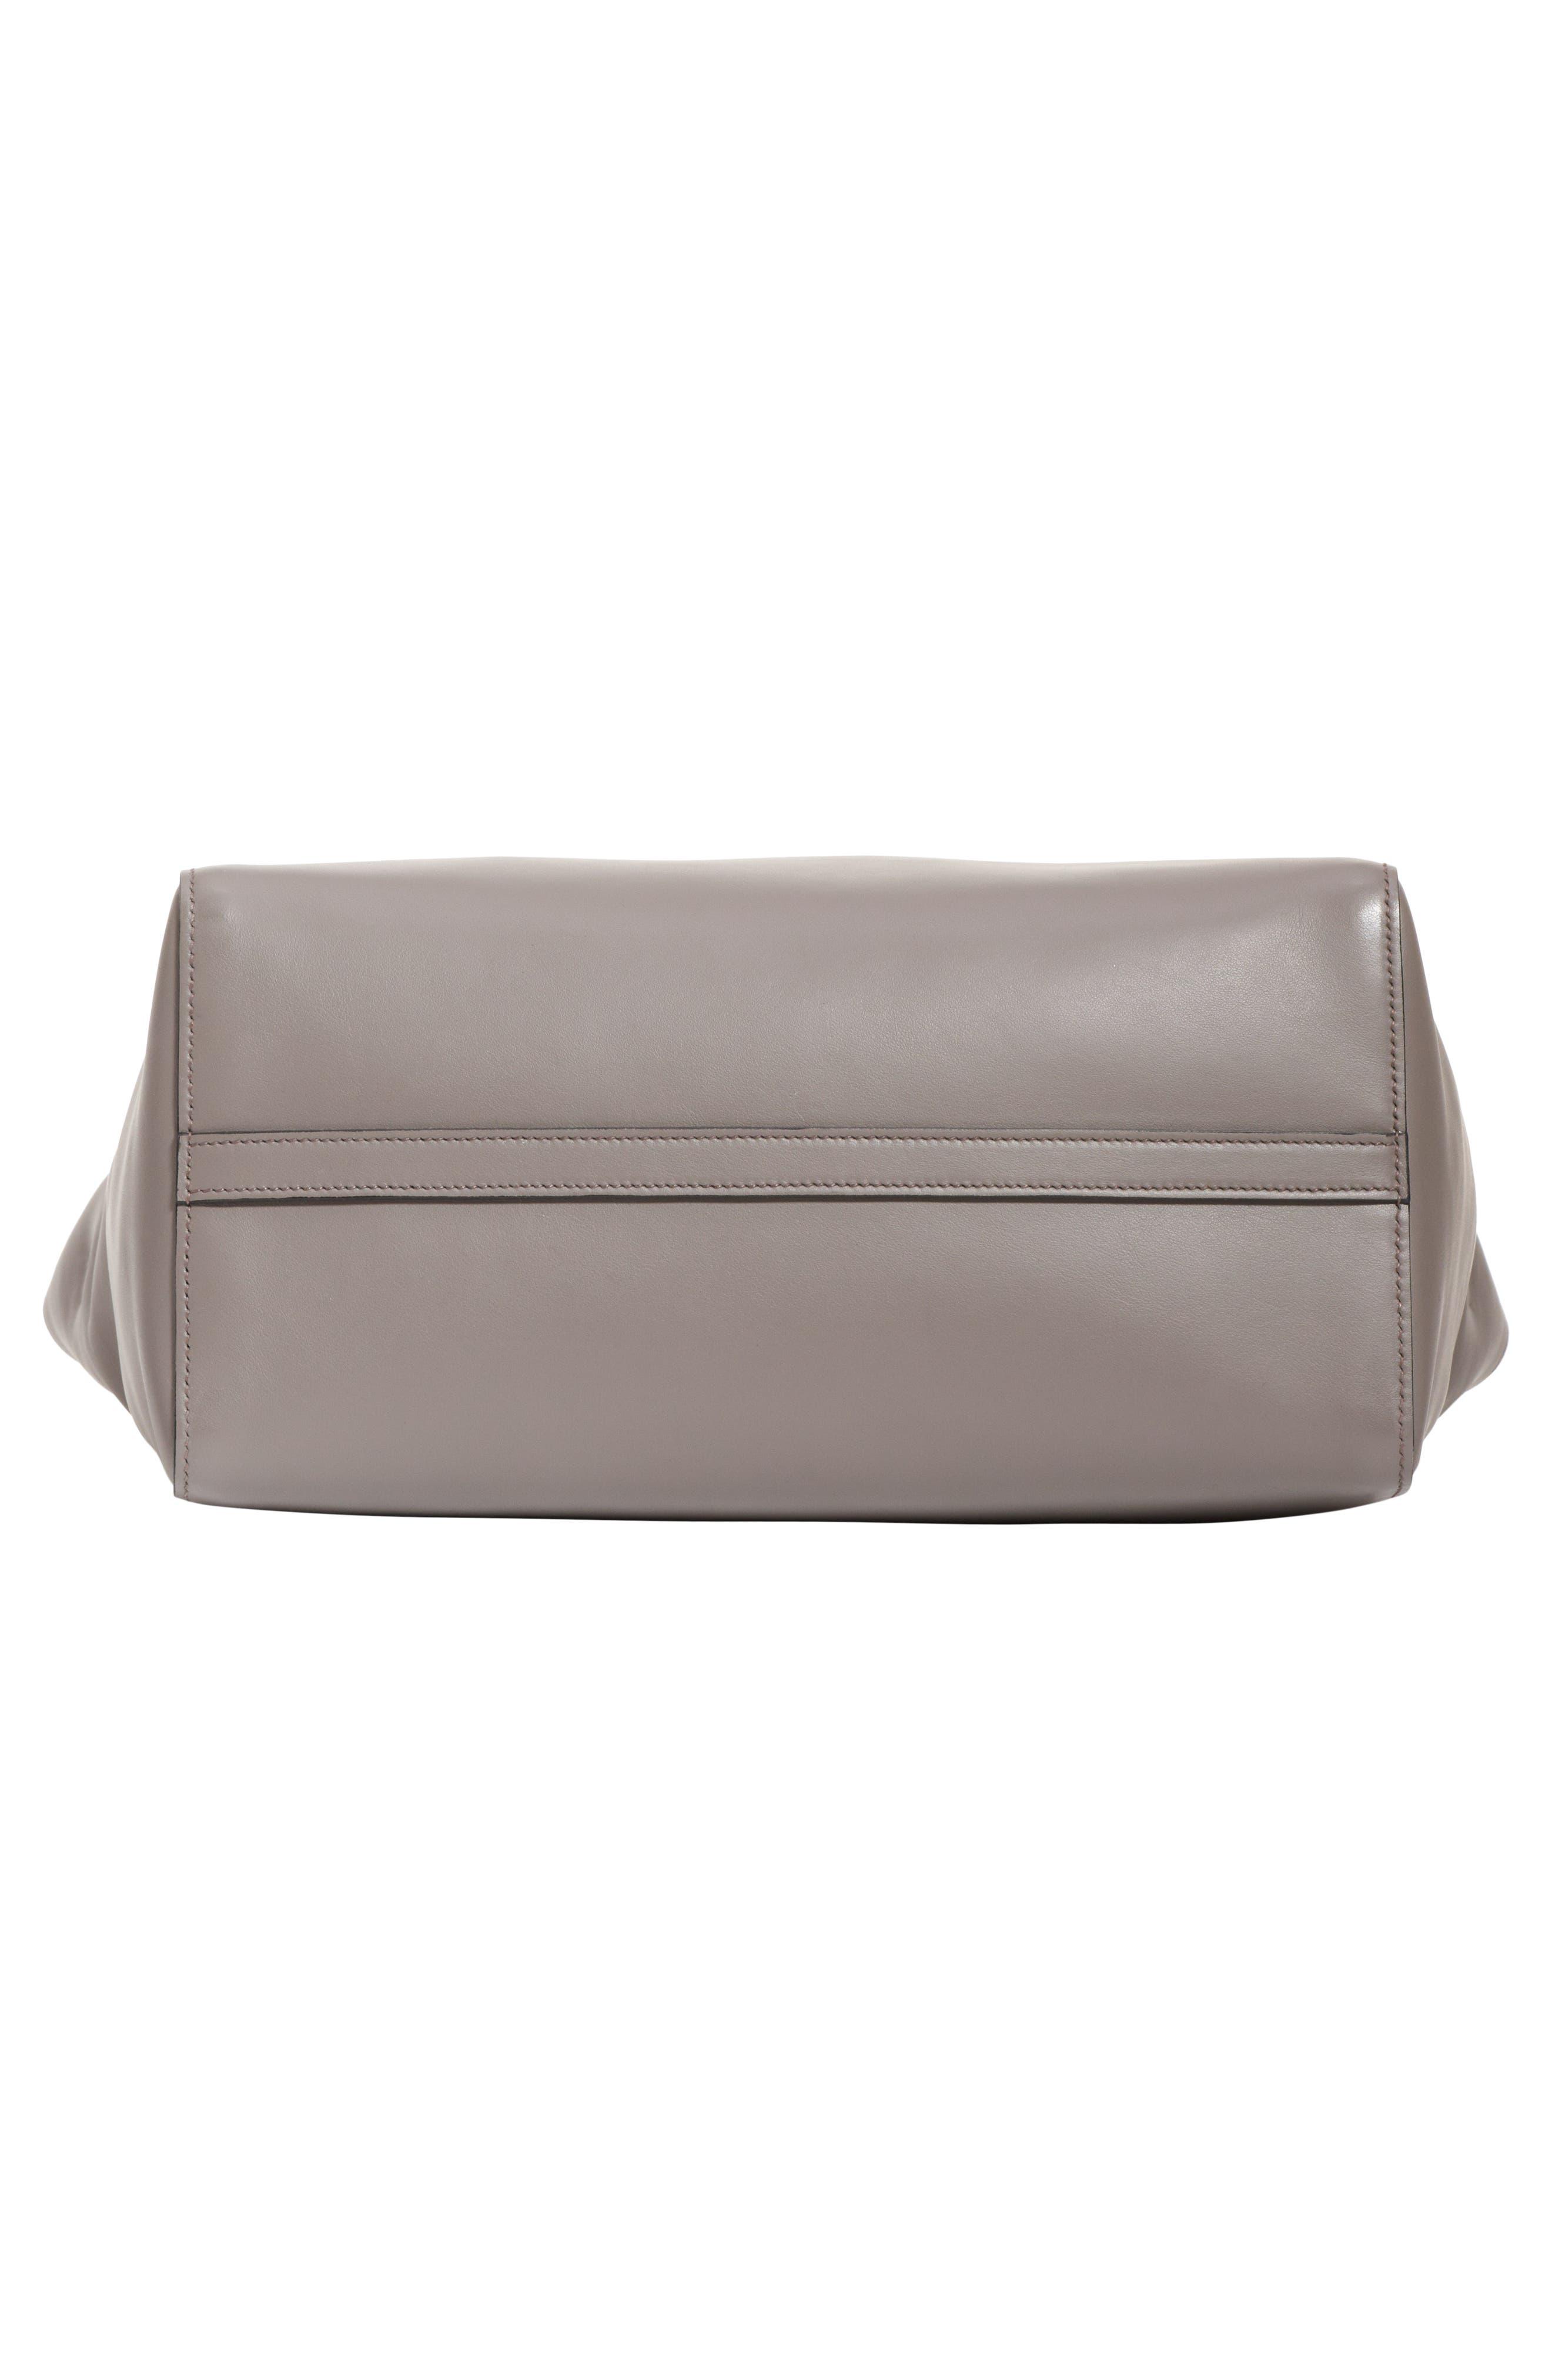 Etiquette Leather Shoulder Bag,                             Alternate thumbnail 5, color,                             250